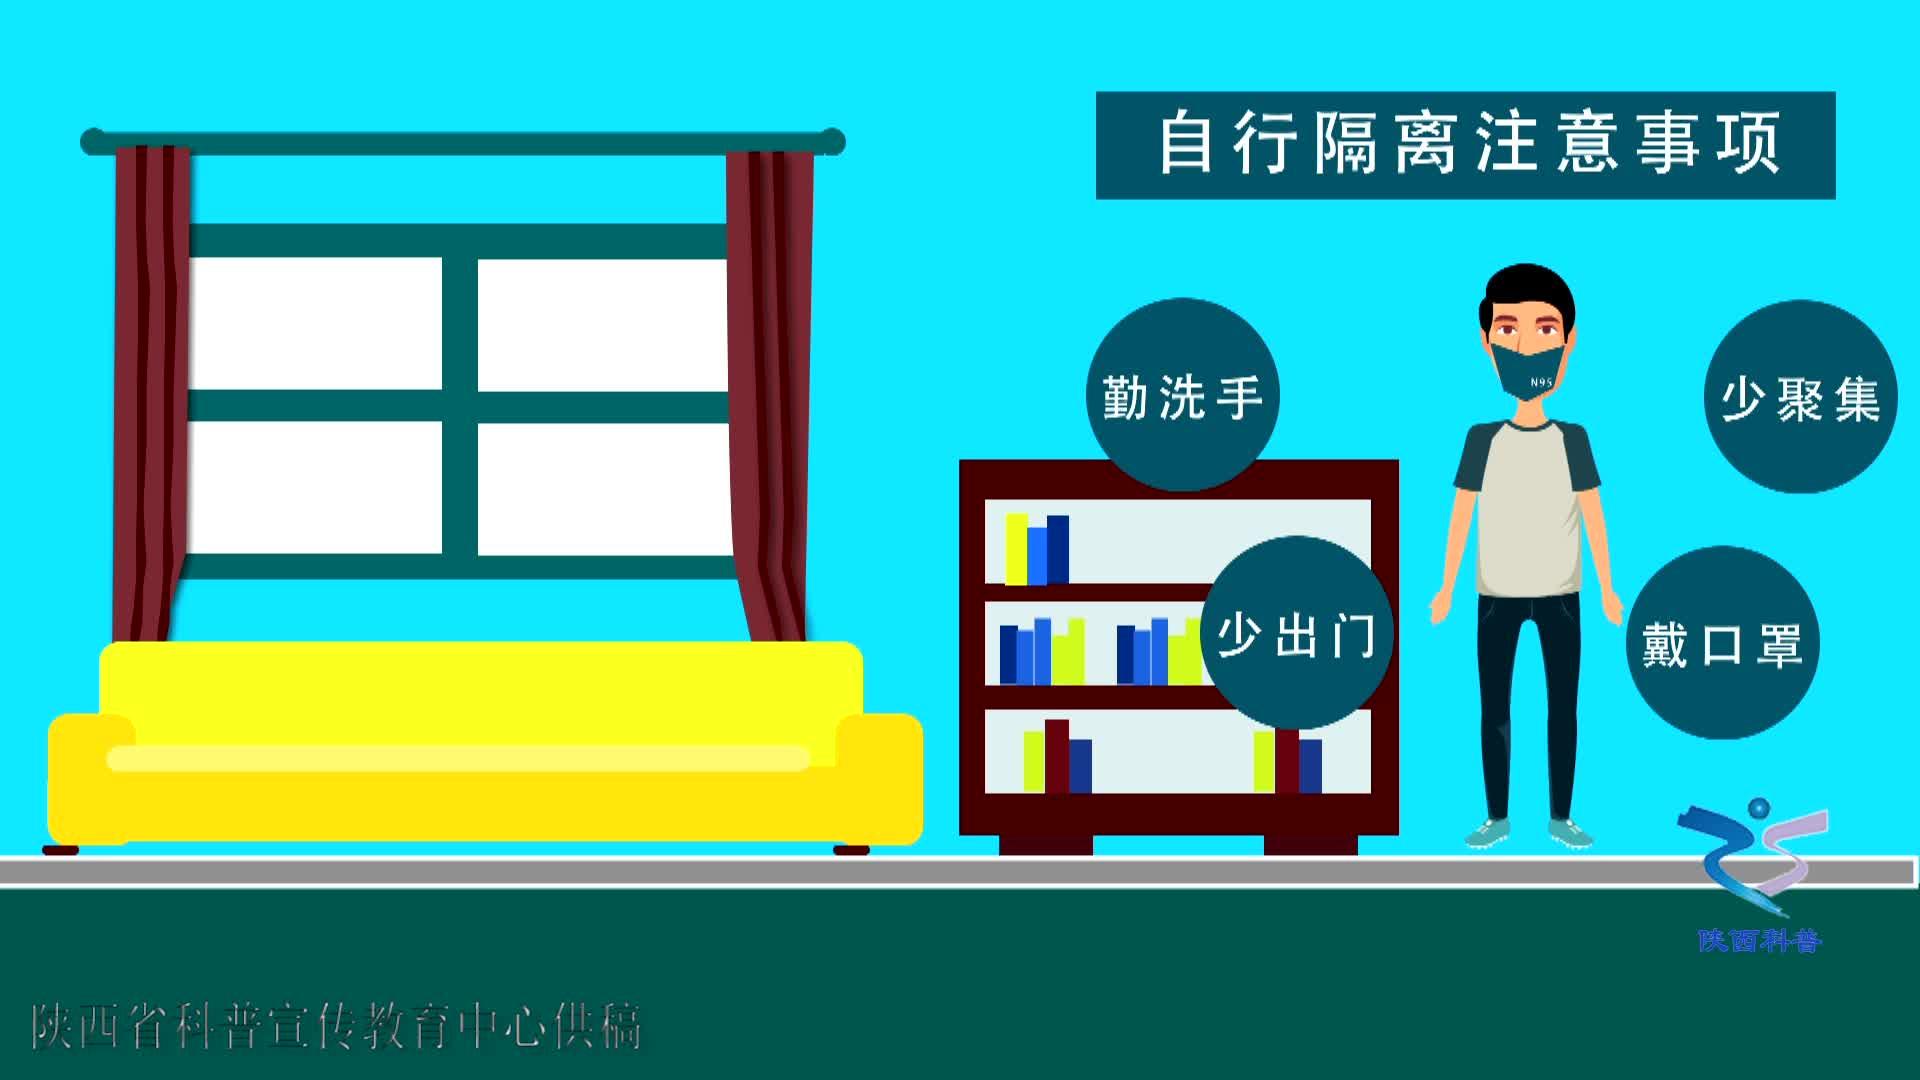 【陕西省科普宣传教育中心】新型冠状病毒临床表现